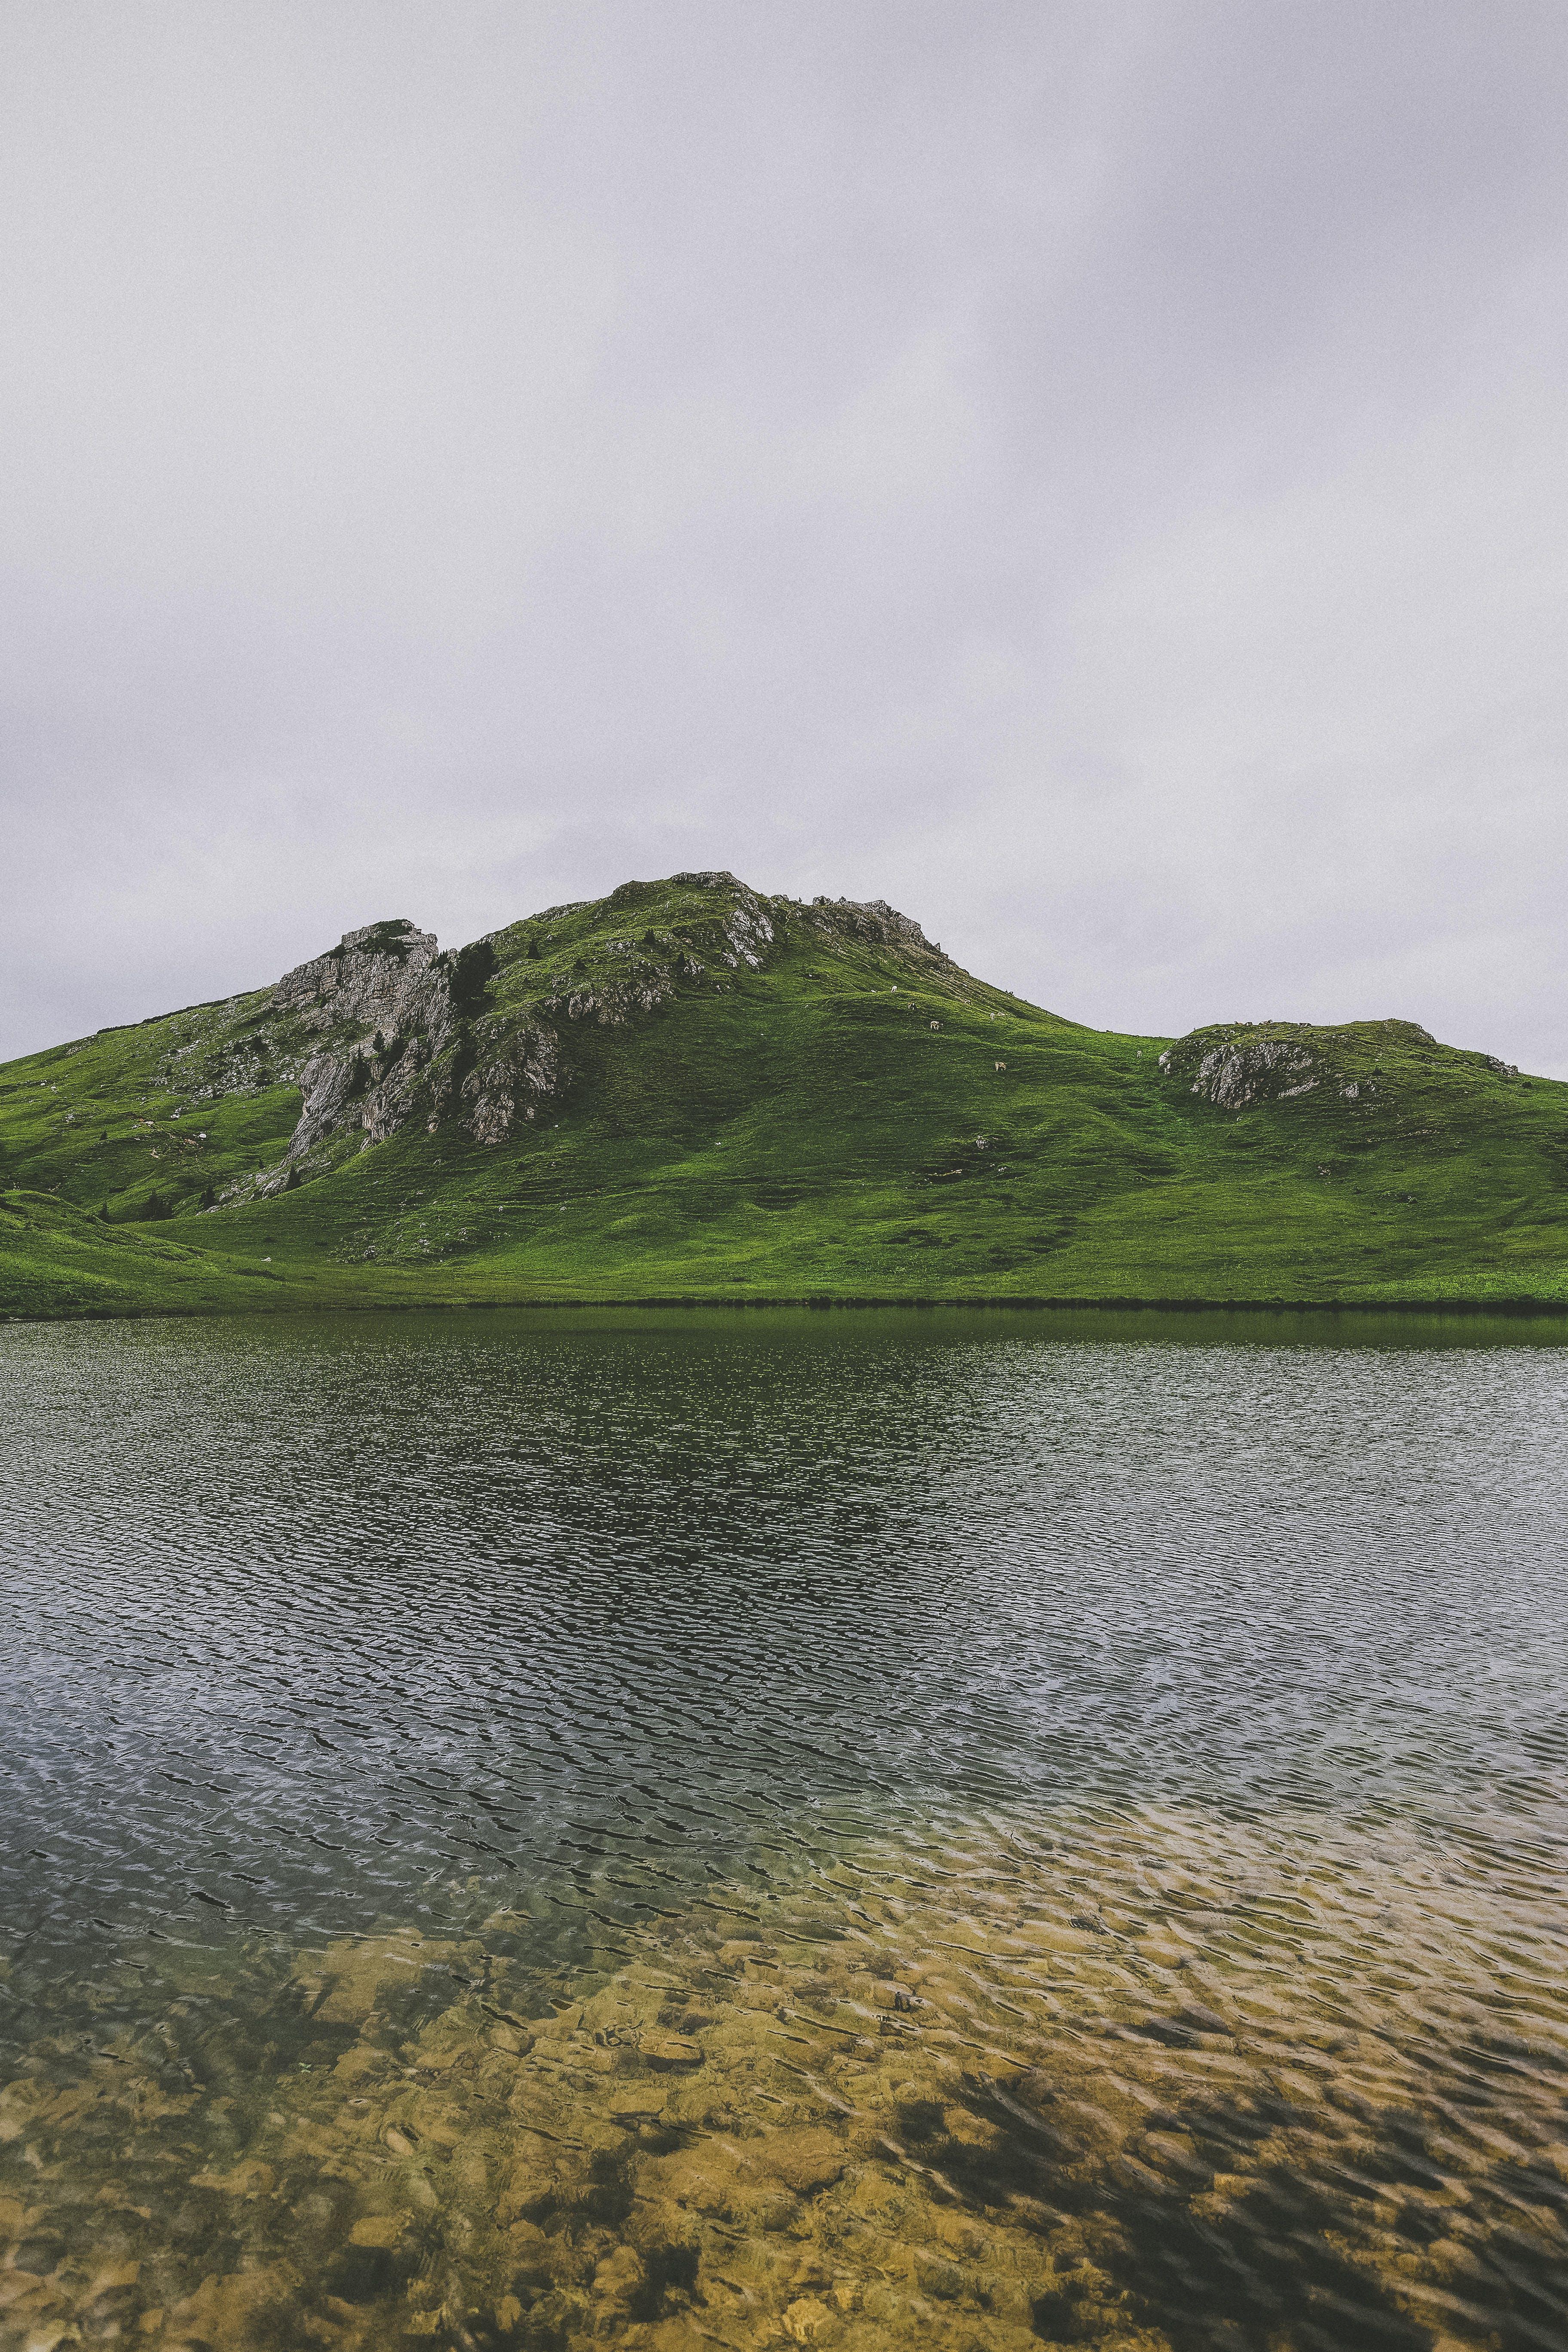 4k duvar kağıdı, açık hava, ada, çim içeren Ücretsiz stok fotoğraf